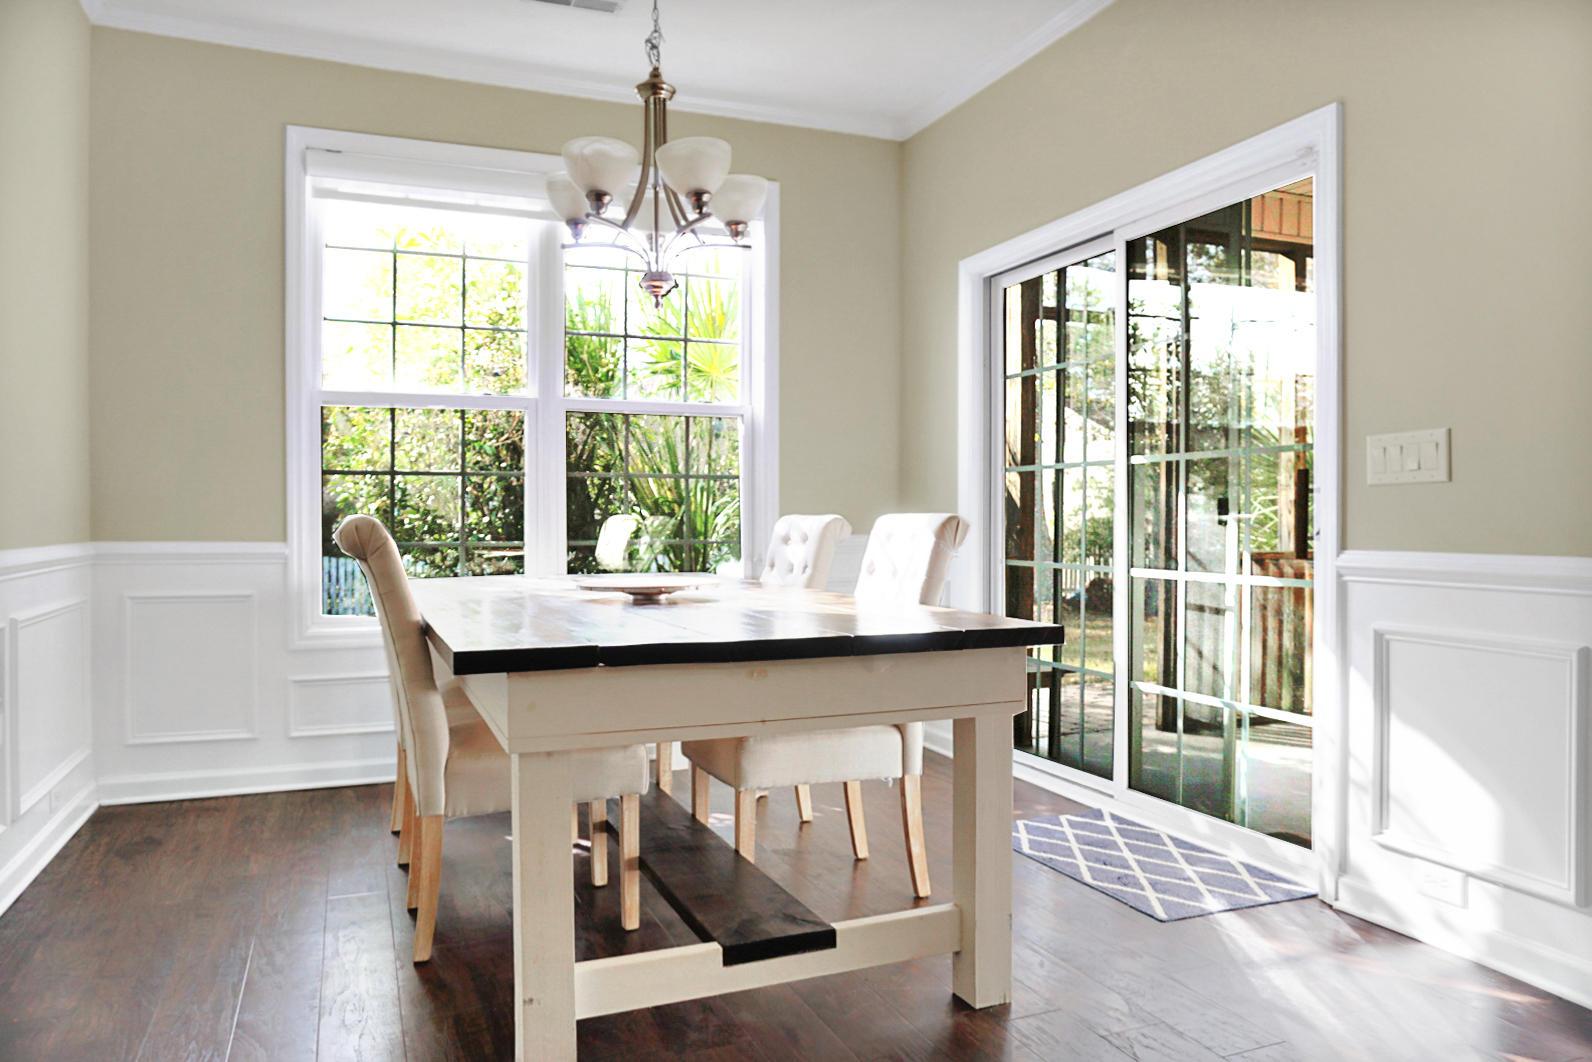 Park West Homes For Sale - 1504 Huxley, Mount Pleasant, SC - 12